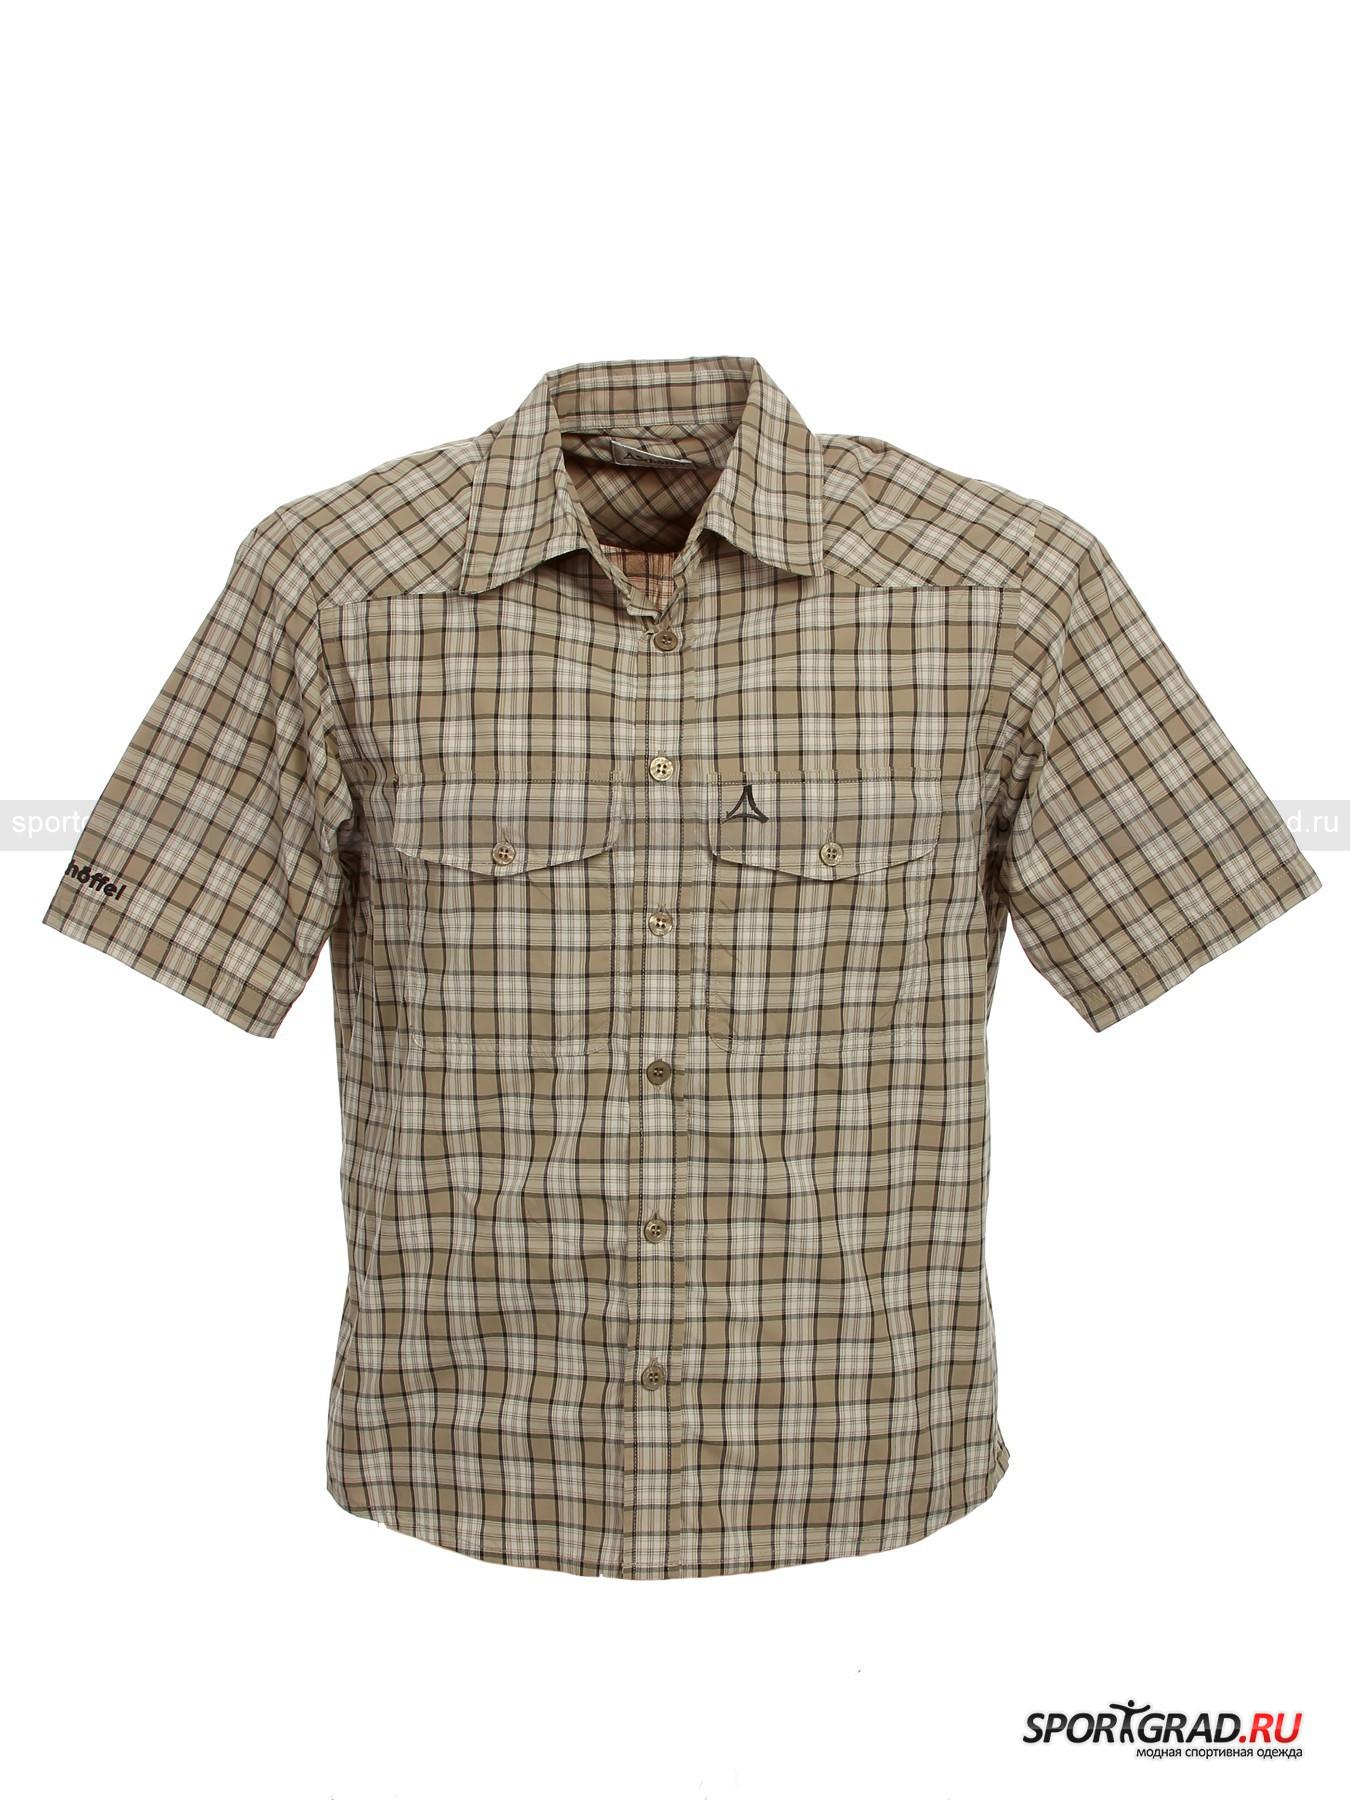 Рубашка мужская SCHOFFEL Bakaro от Спортград